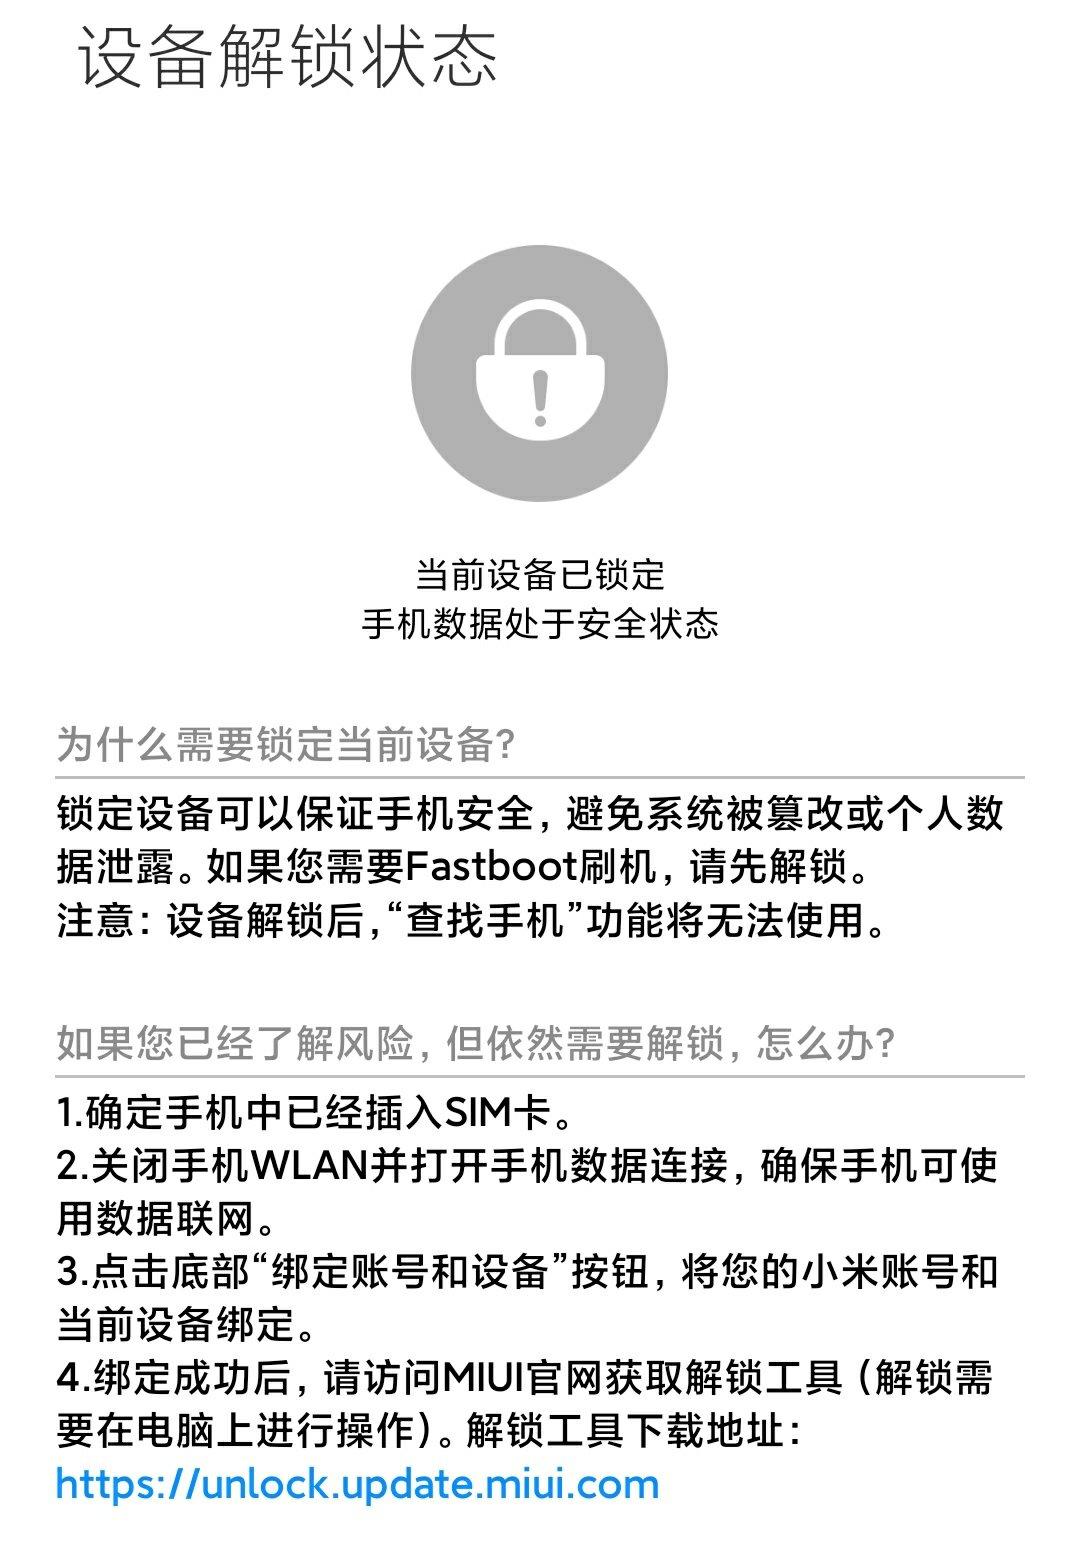 [教程] 小米手机解锁 Bootloader 教程和常见问题